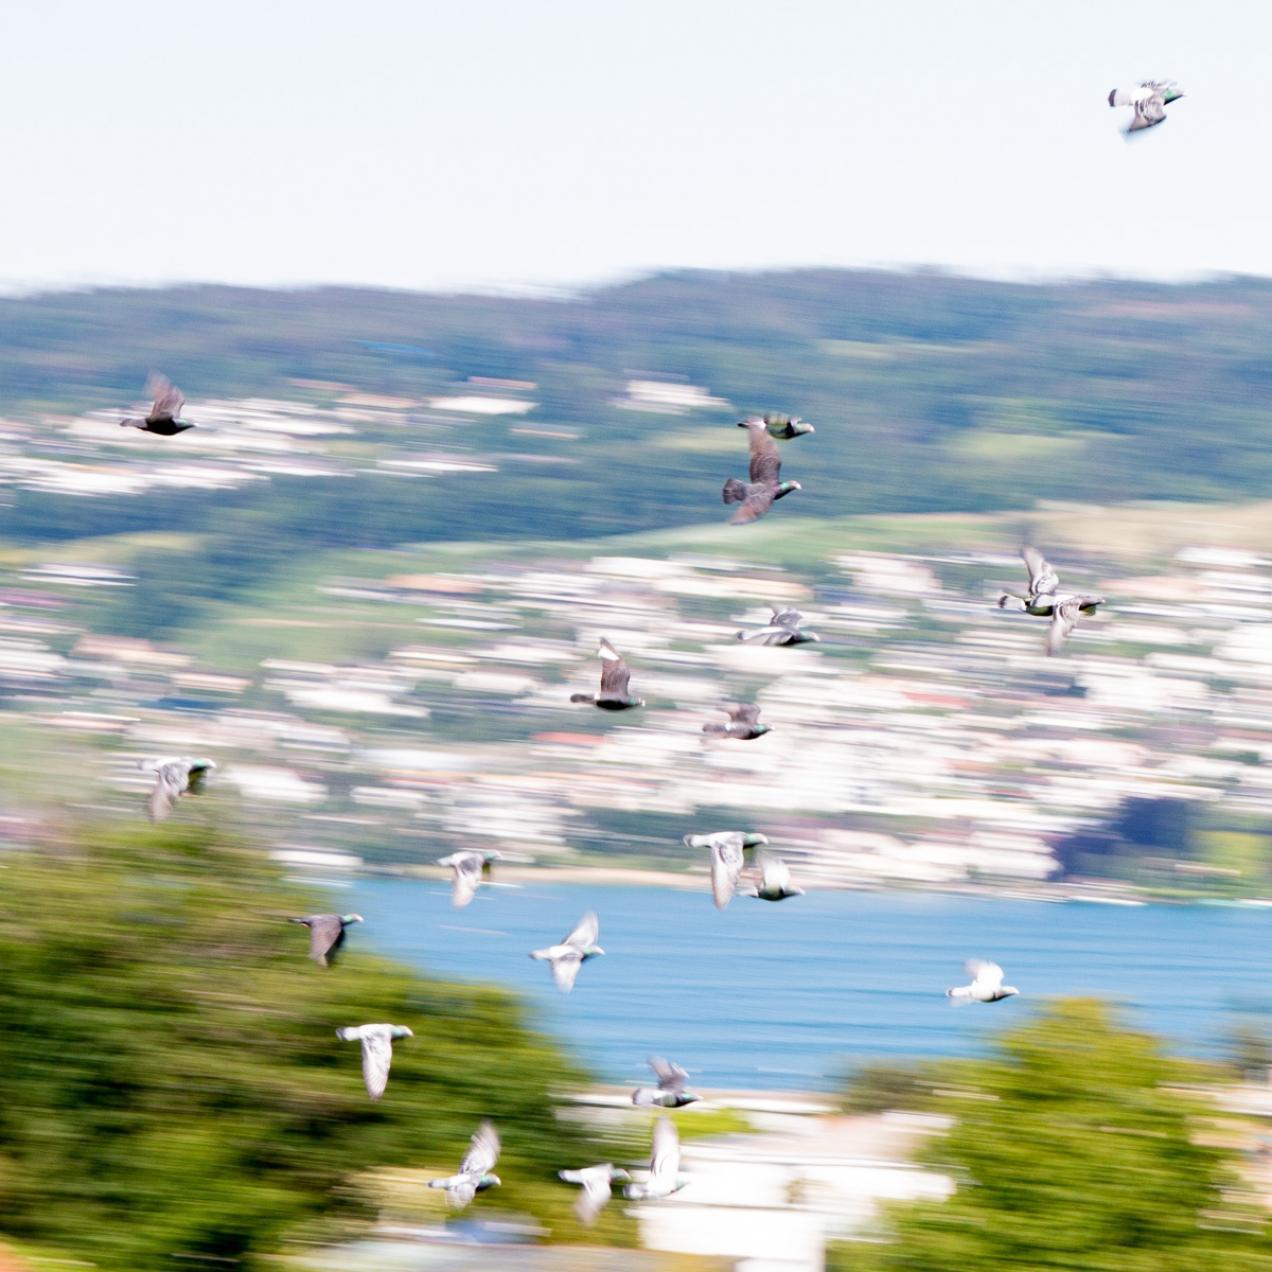 Speedy Bird Chase